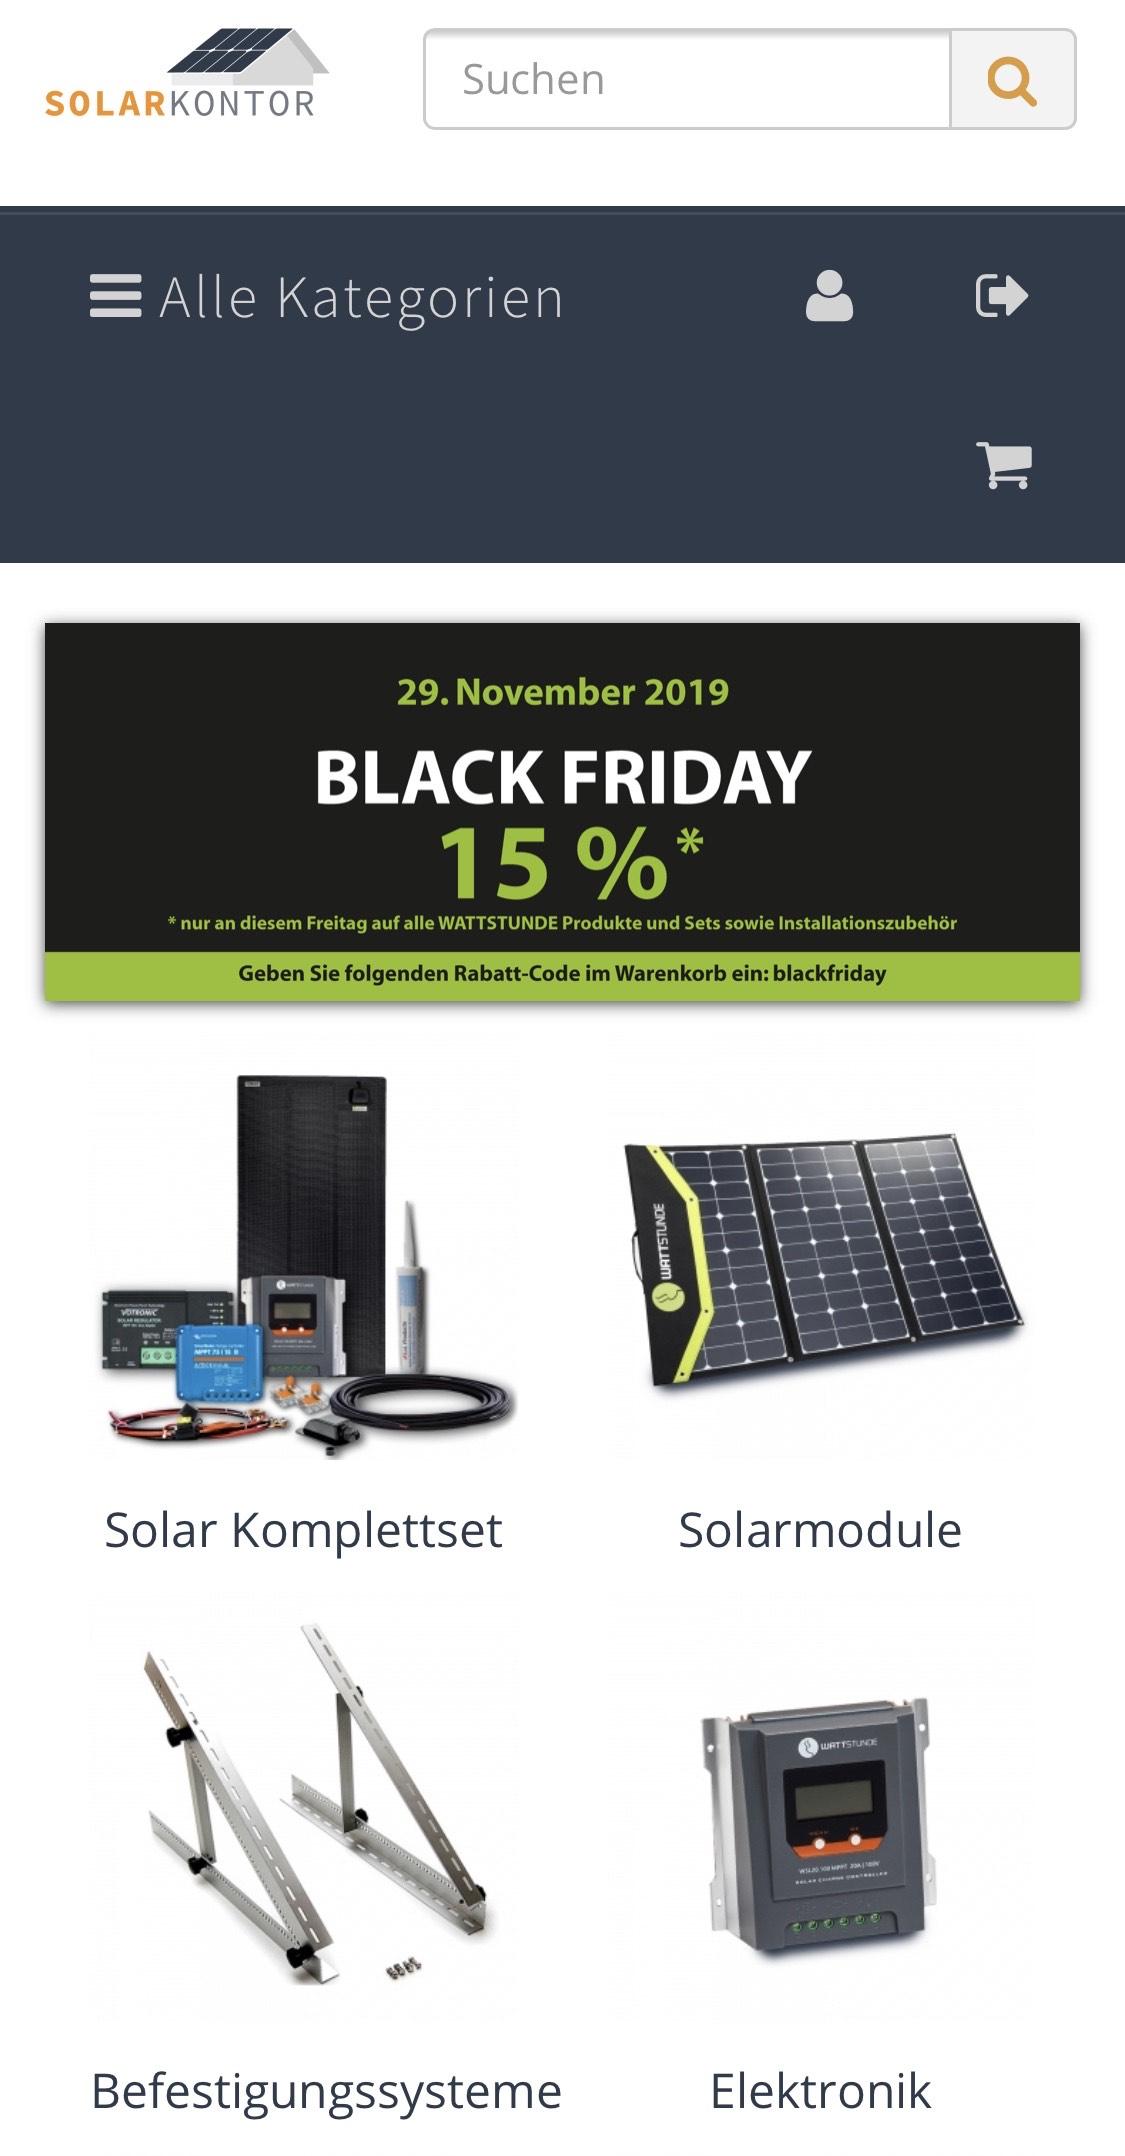 Solarkontor - Solarzubehör u.a. Wattstunde, Goalzero